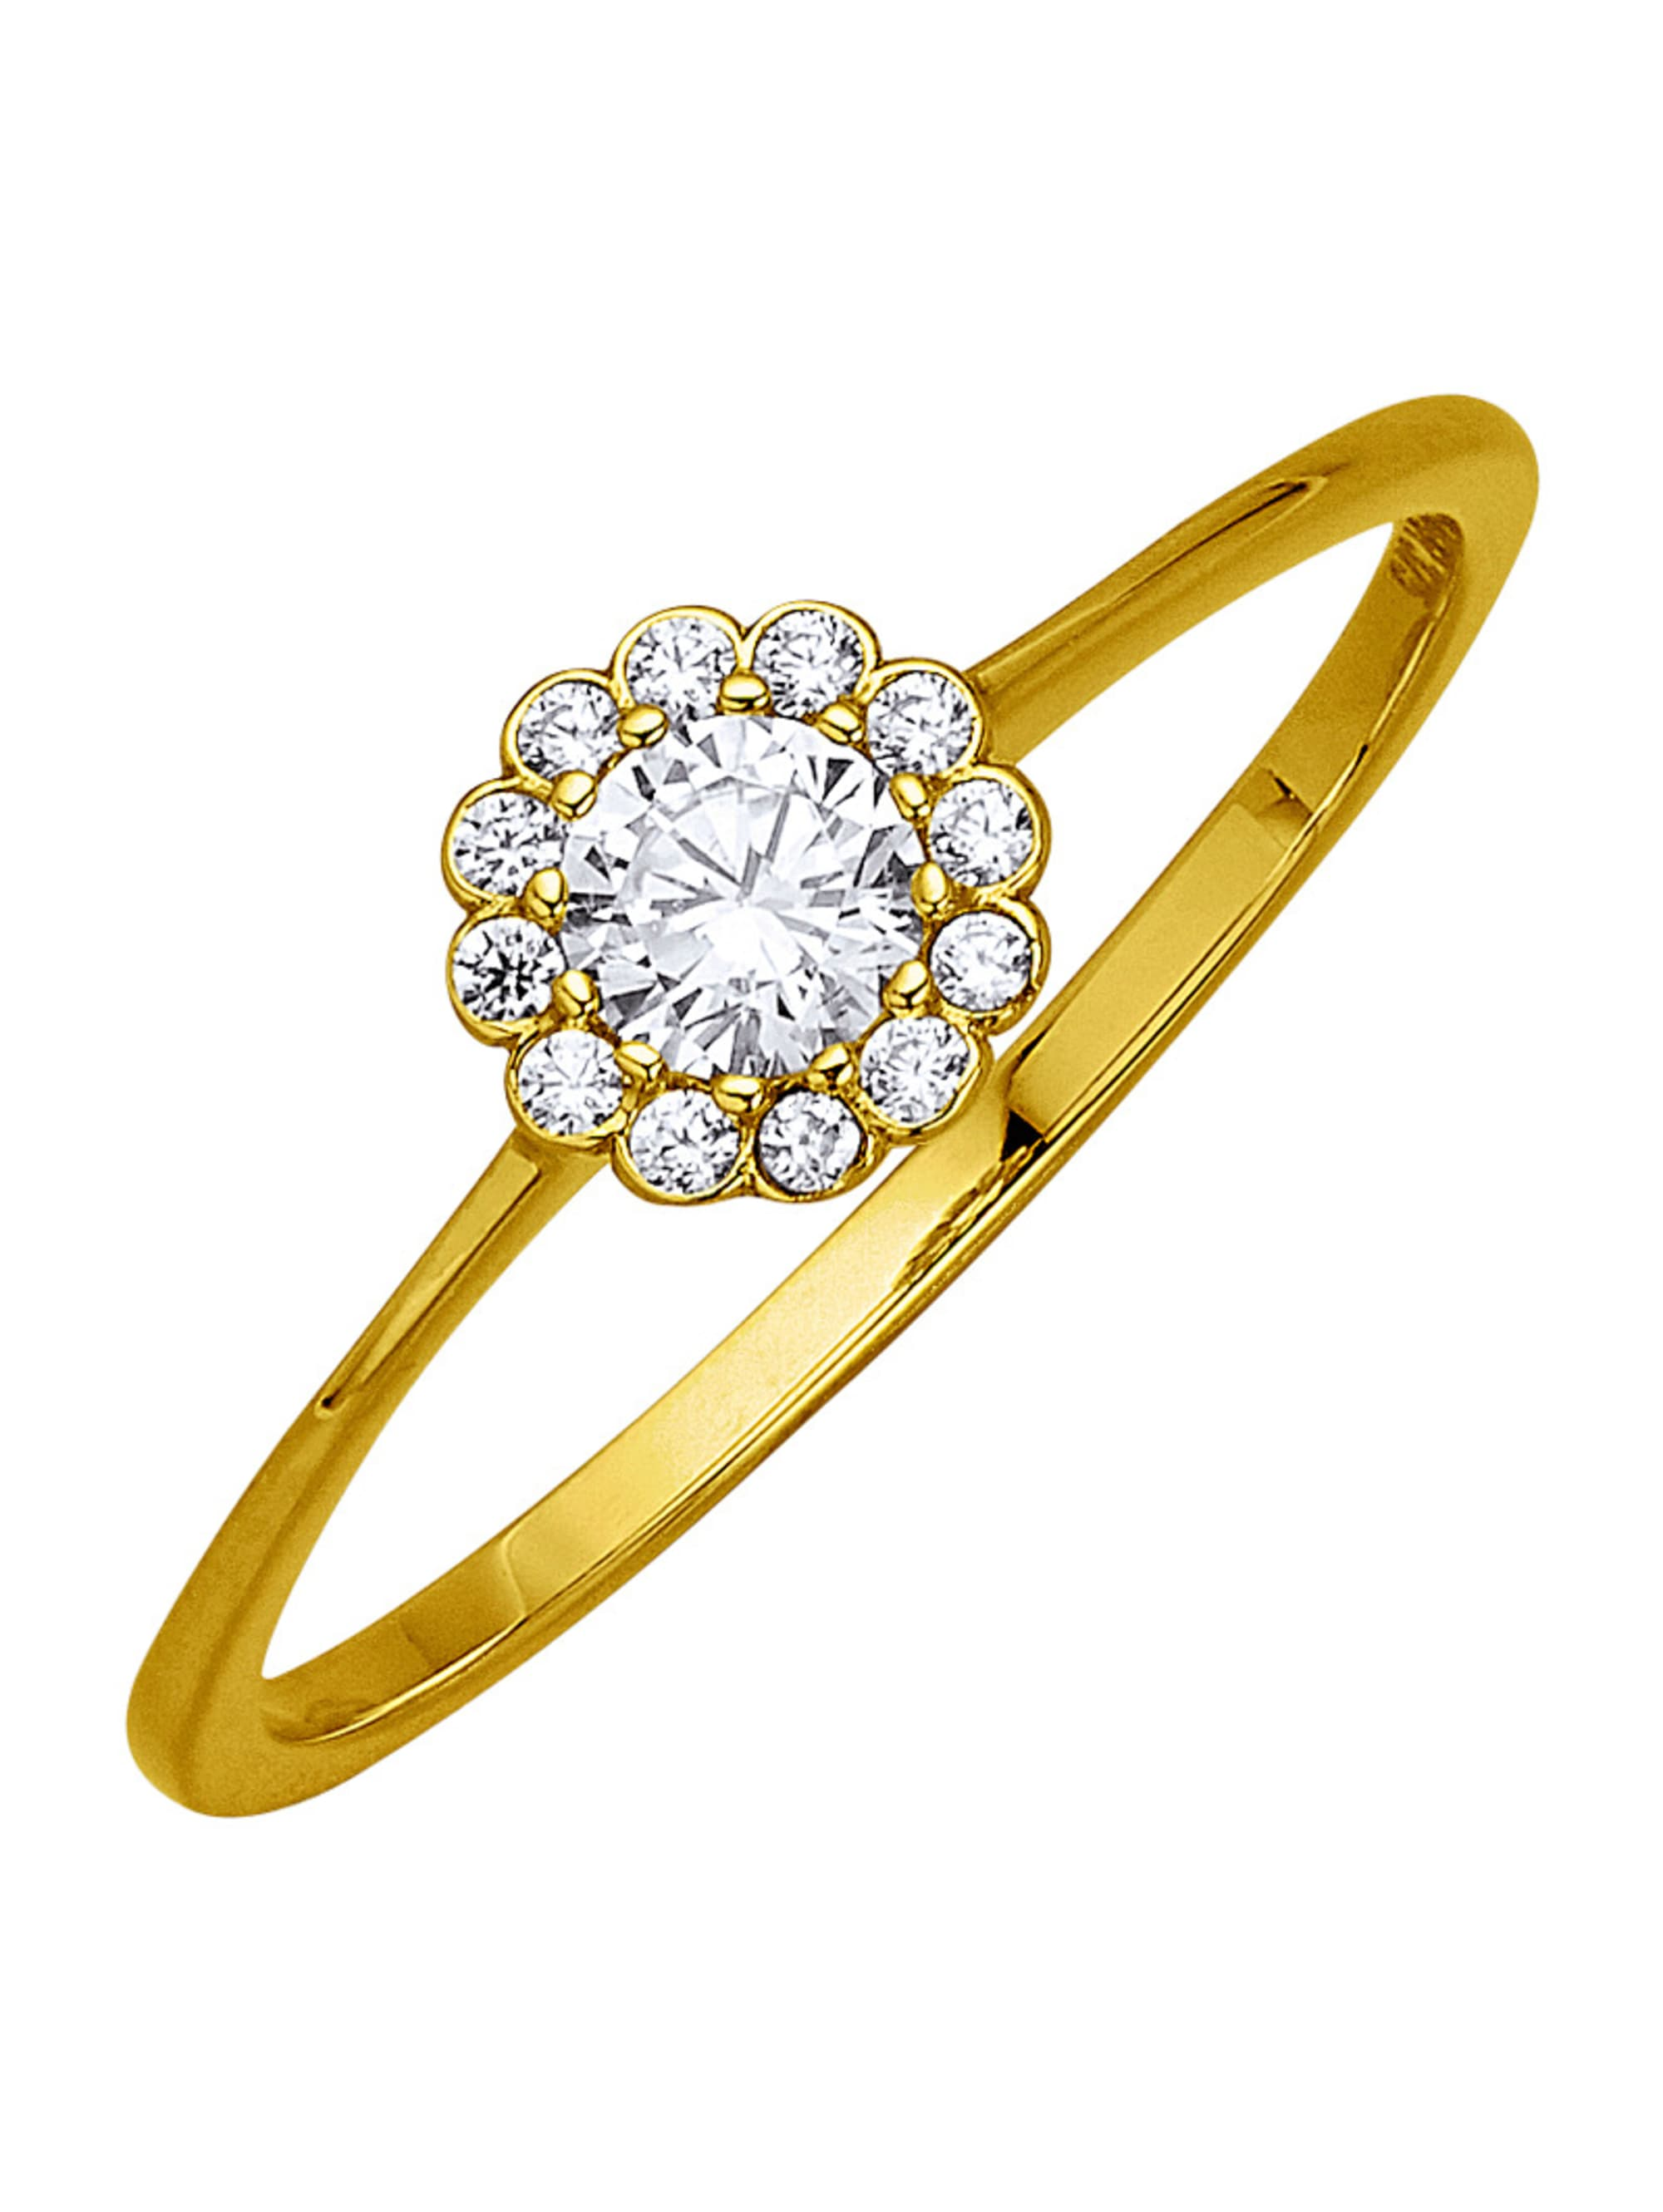 Damenring Gelbgold 375 tSVyN